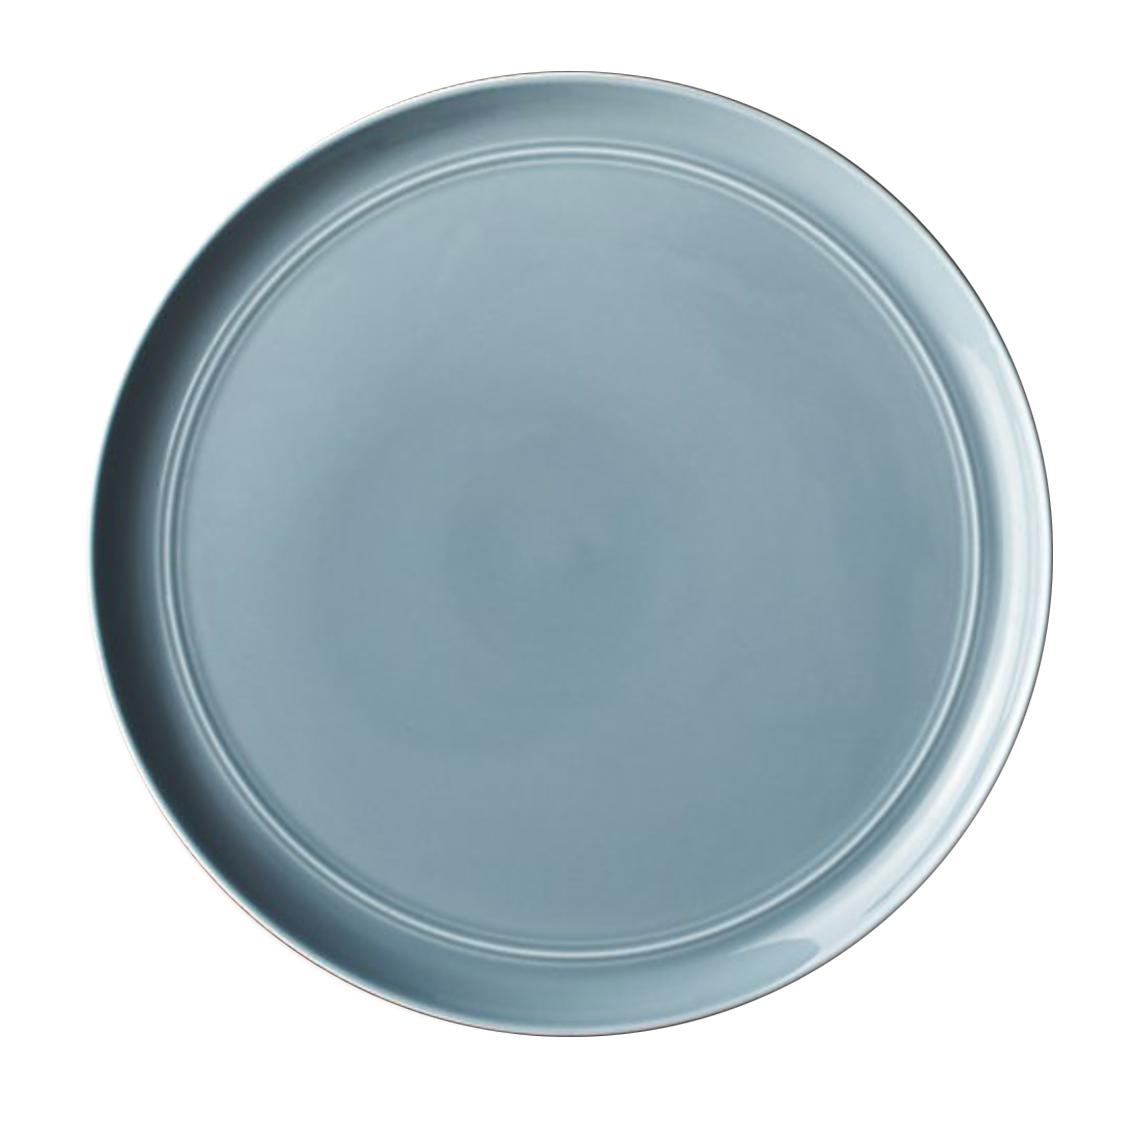 ocean plate.jpg